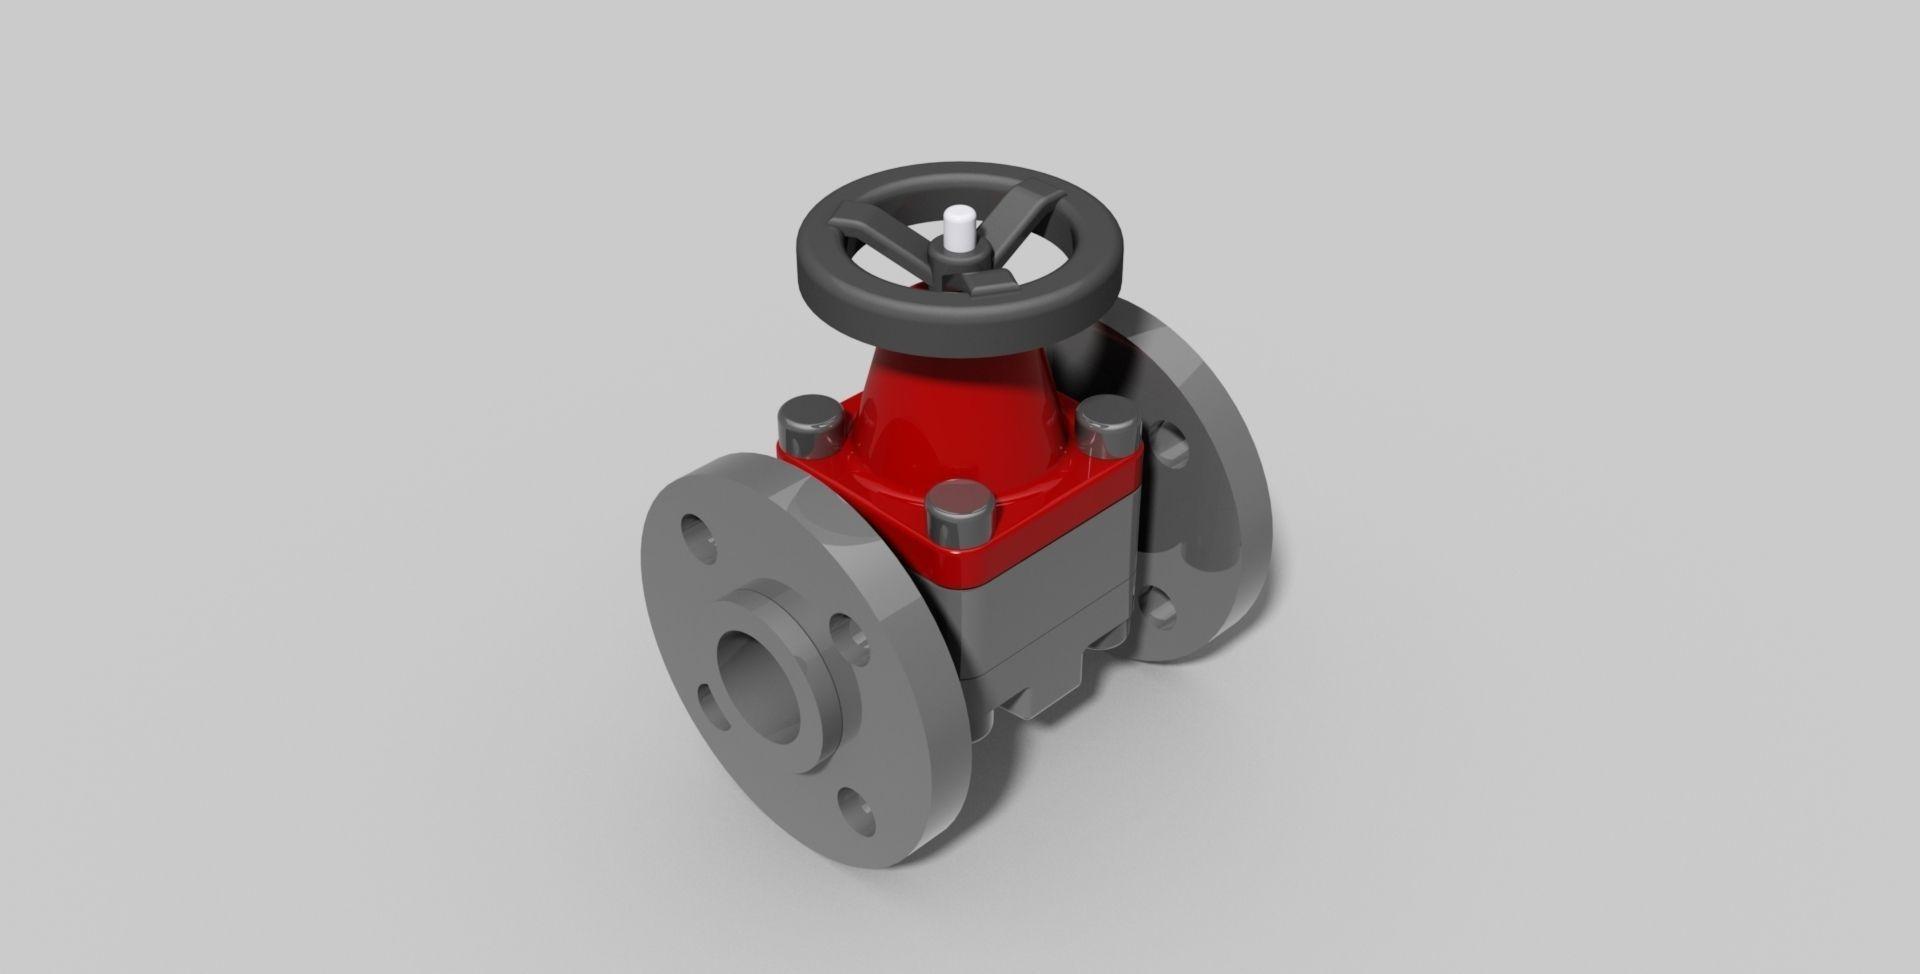 Dn32 pvc diaphragm valve with flanges autodesk inventor free 3d dn32 pvc diaphragm valve with flanges autodesk inventor 3d model ipt 2 ccuart Images